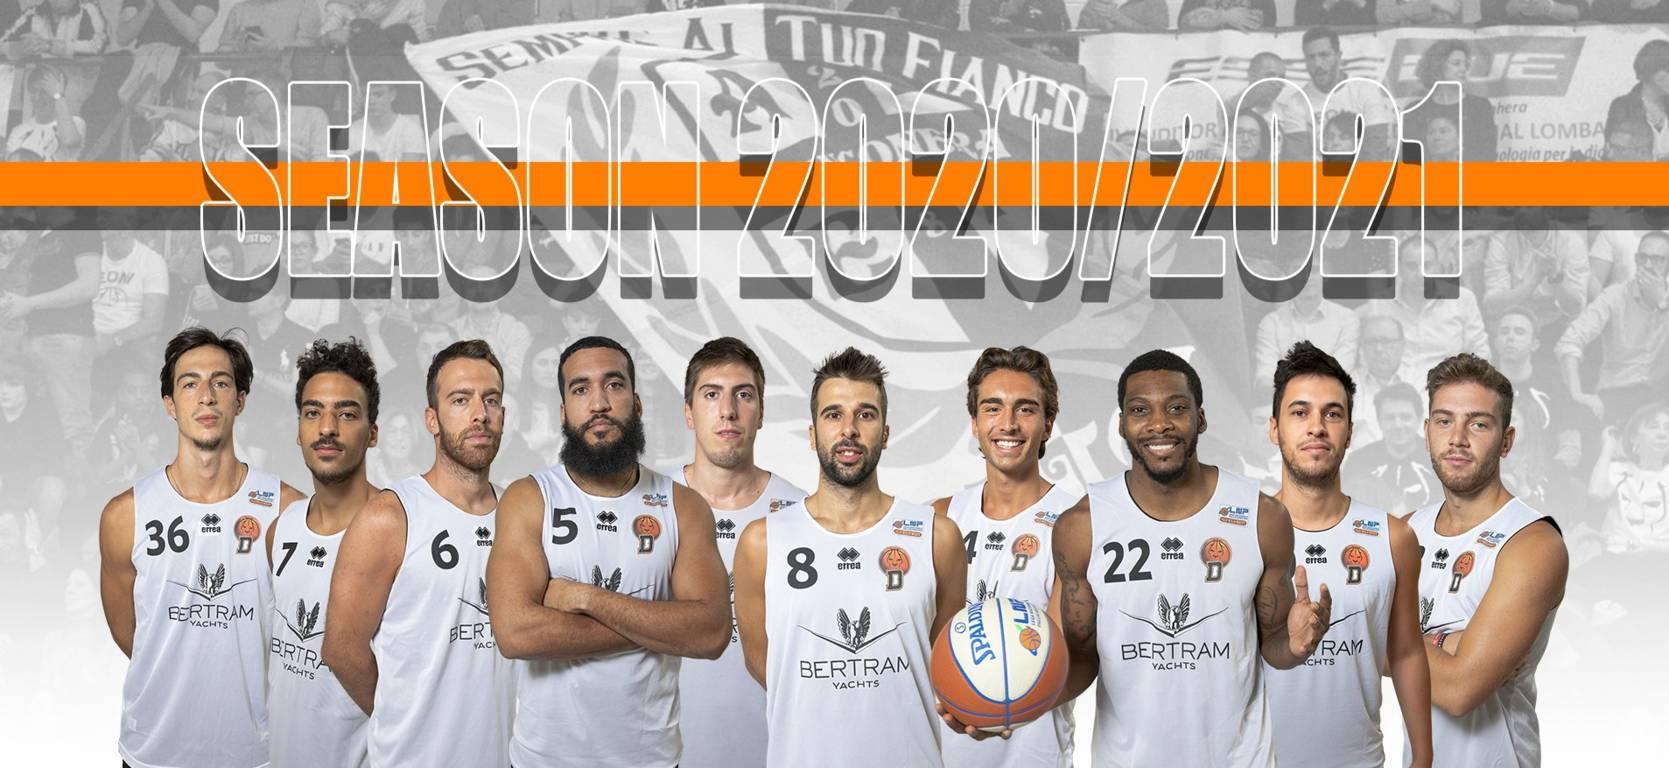 A2 Old Wild West girone verde 12^ giornata 2020-21: fuga Tortona, volano Orzinuovi e Orlandina, Verona vince il recupero